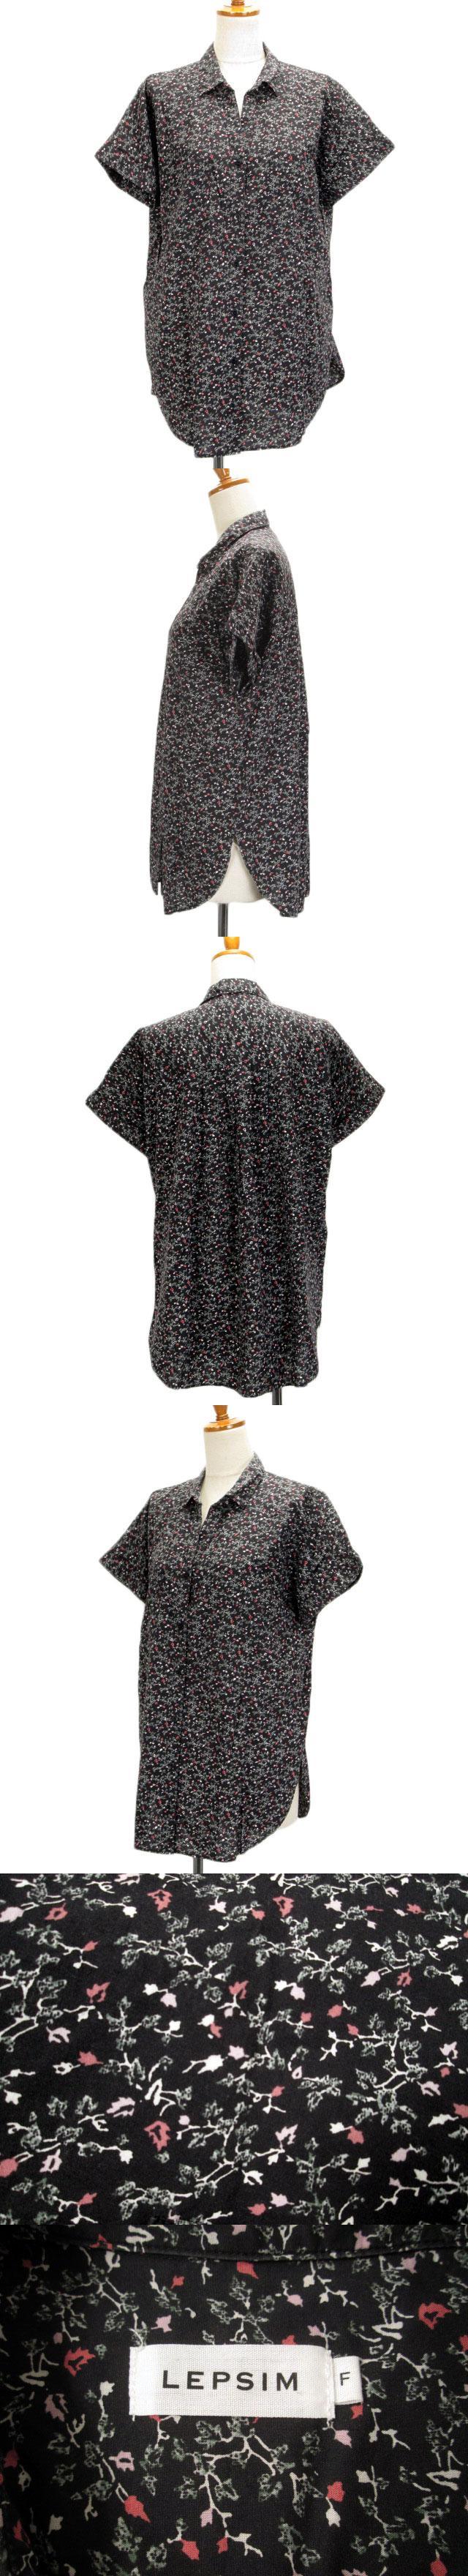 ブラウス シャツ 花柄 オープンカラー 半袖 F 黒